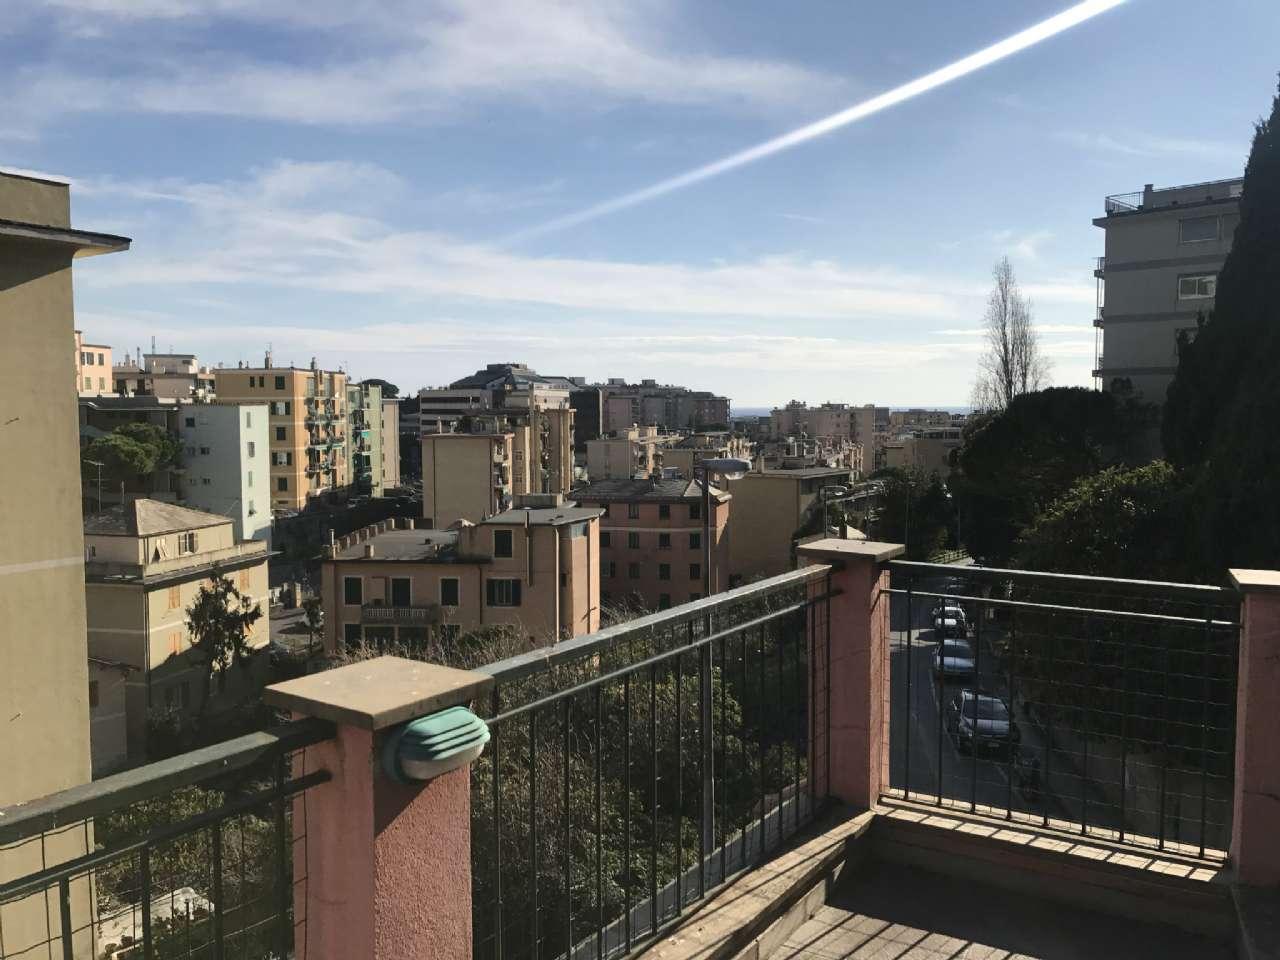 Benucci real estate immobiliare agenzia immobiliare a genova for Casa indipendente genova